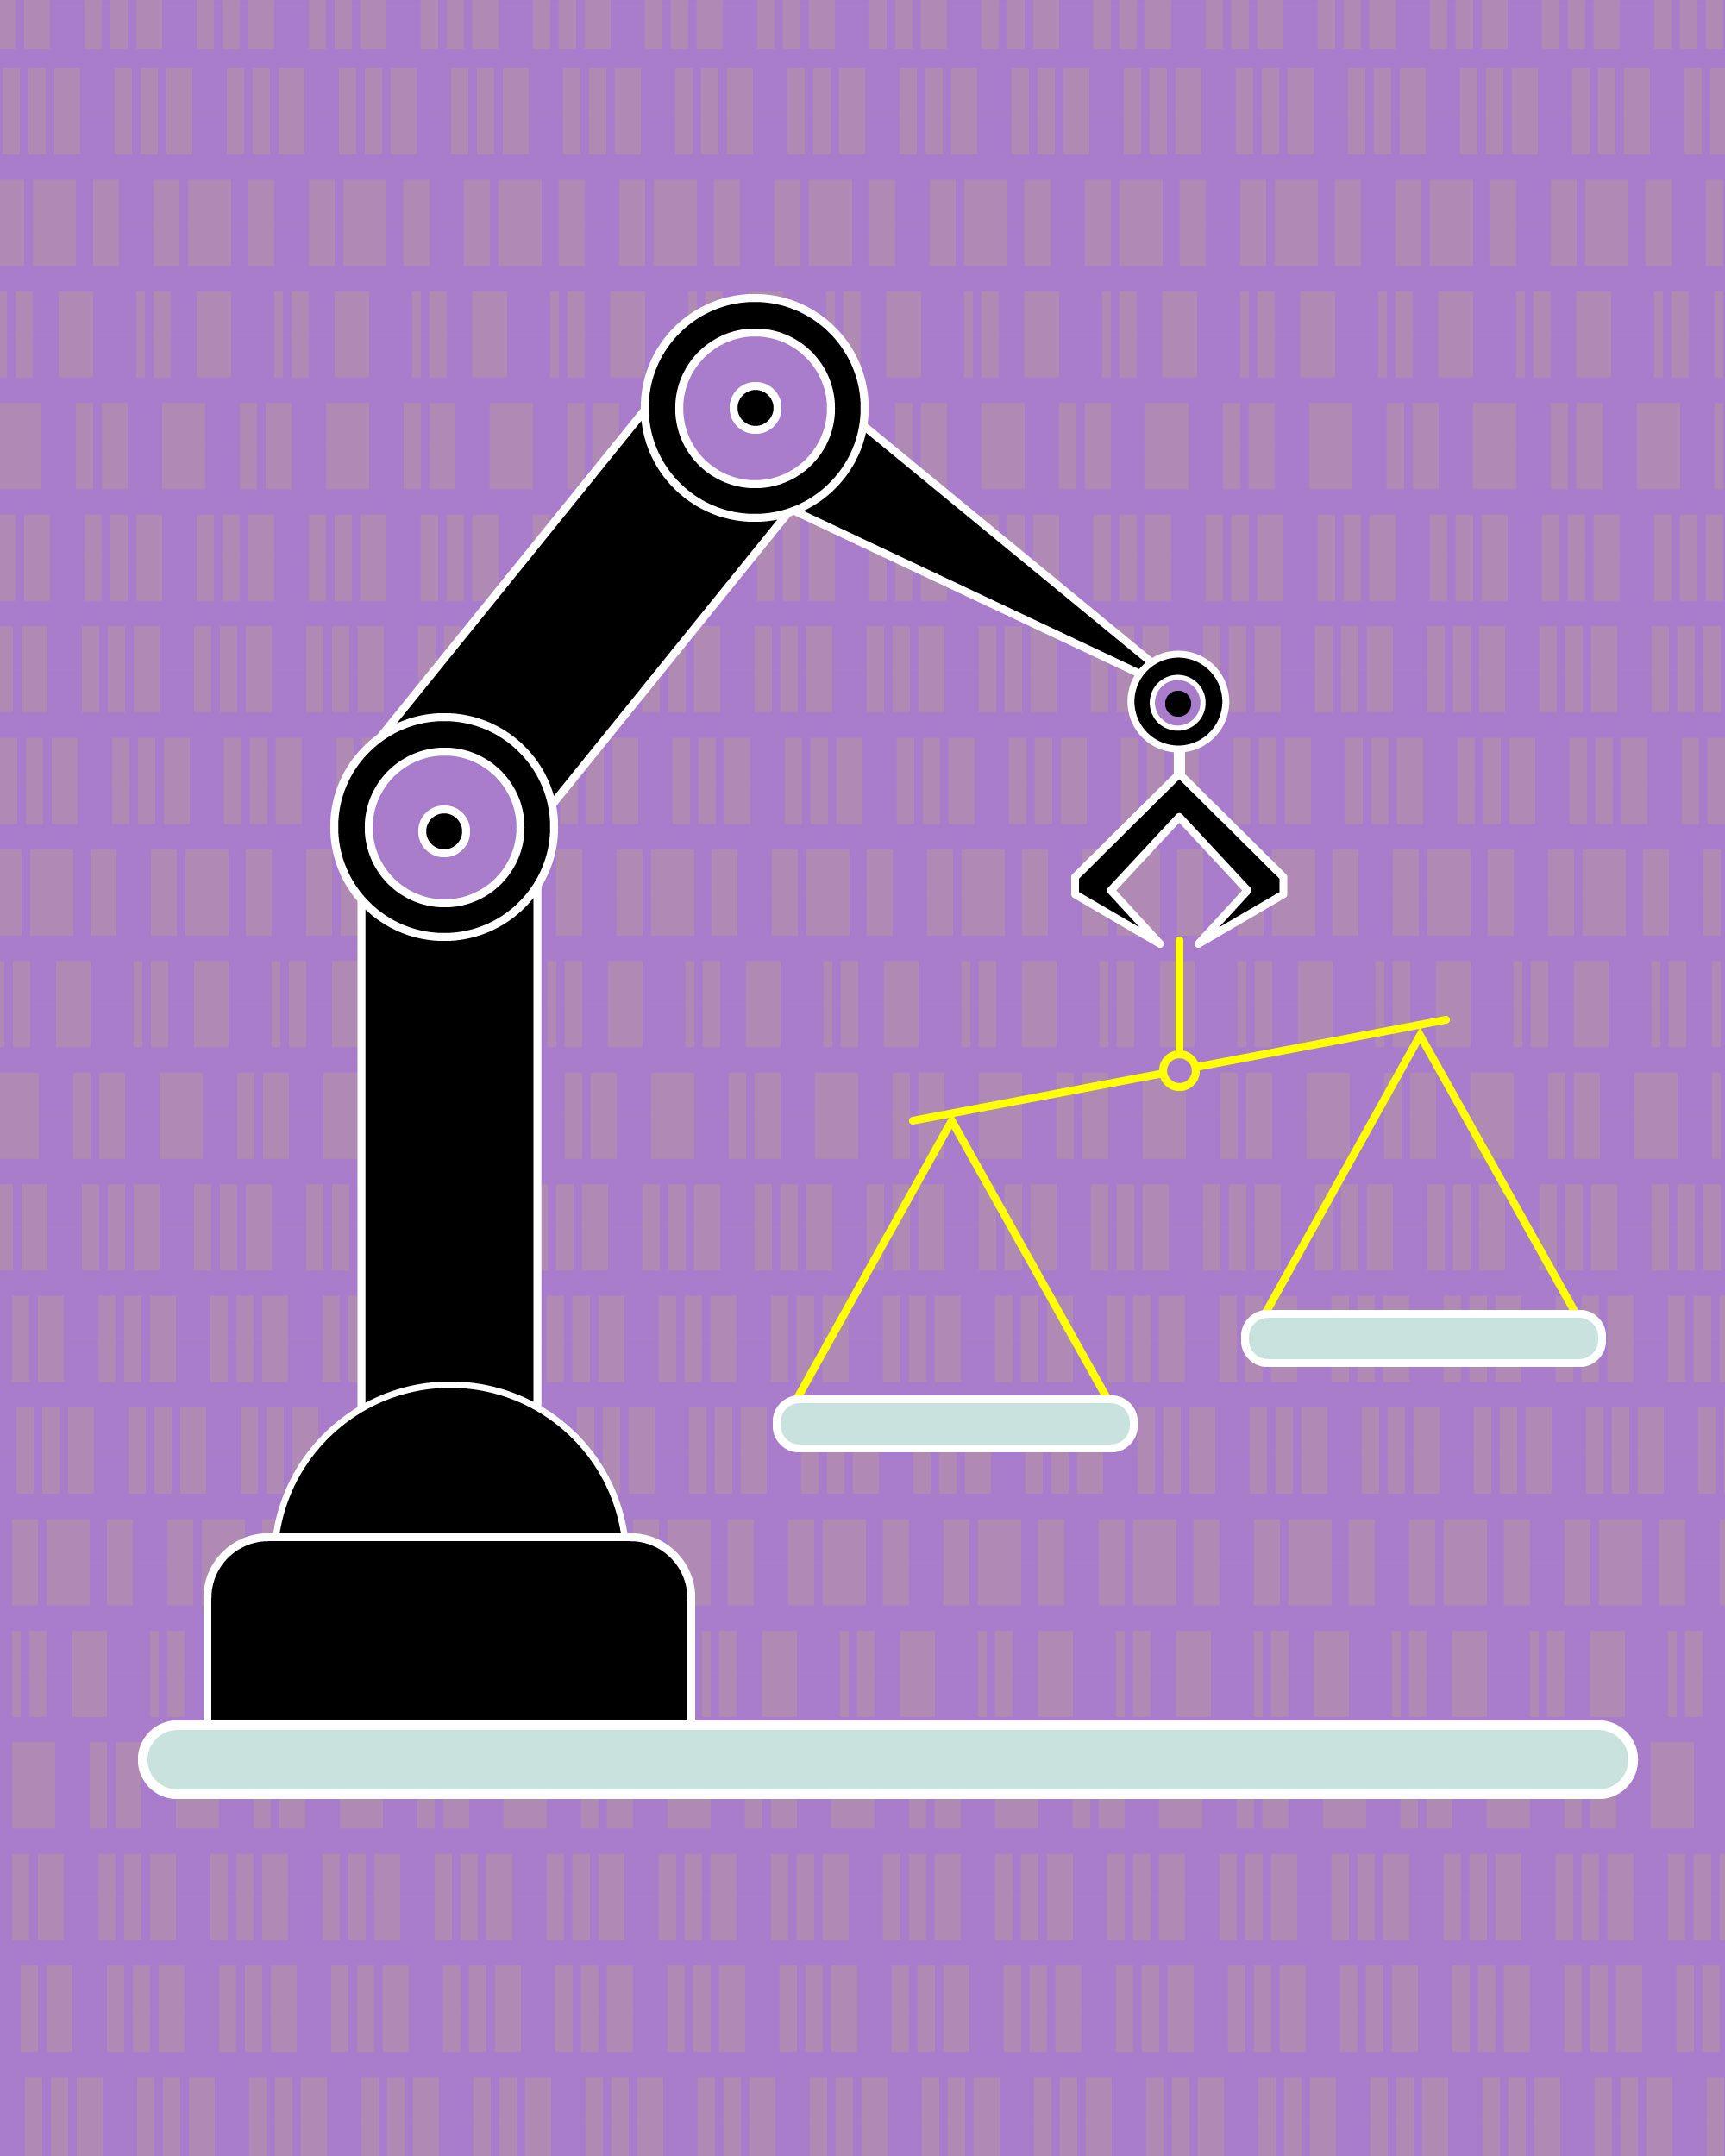 「AIにいかにして倫理的な判断をさせるのか?」に対する1つの答え